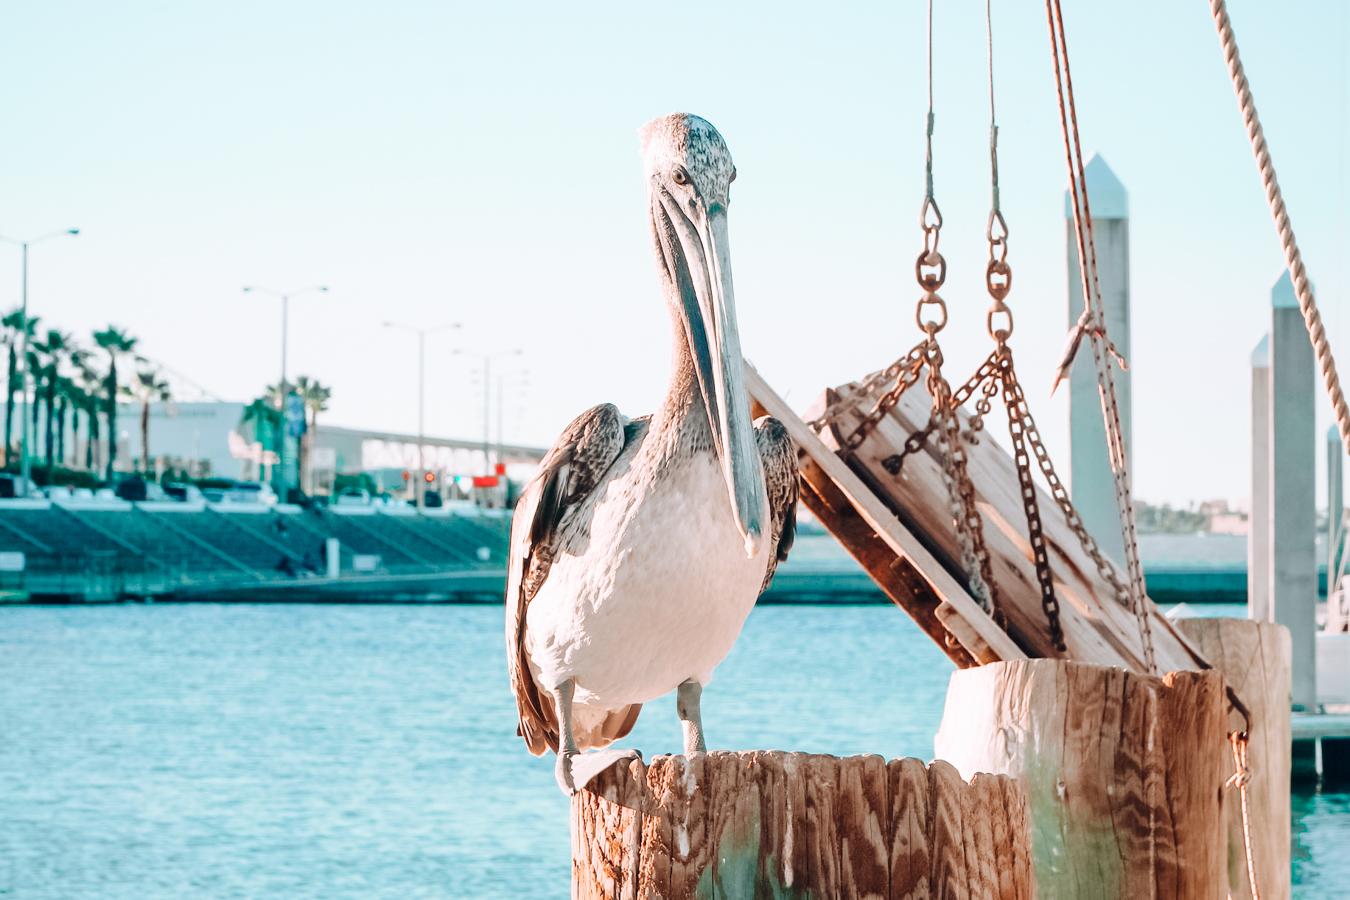 Pelican in Corpus Christi